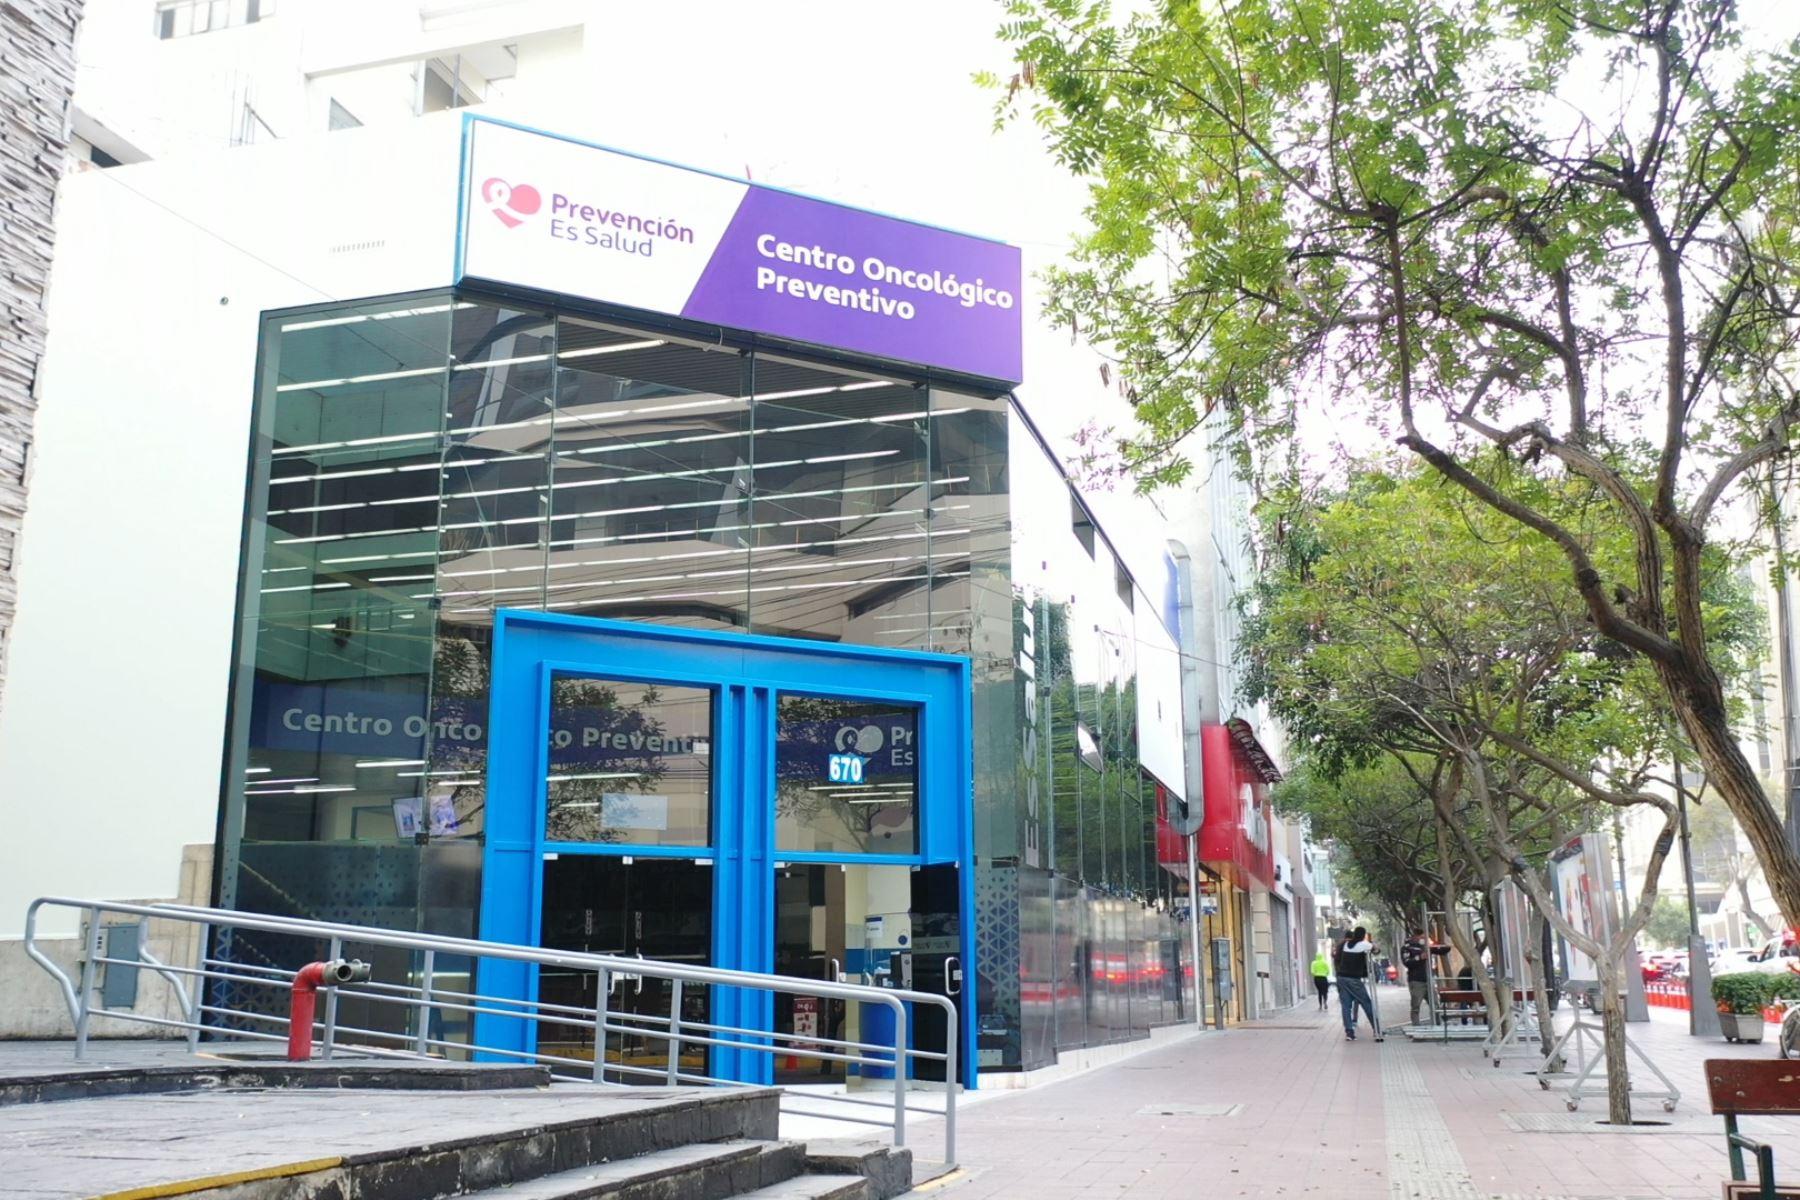 Primer Centro ubicado en Larco 670, Miraflores, cuenta con Farmacia y servicio delivery para la entrega de medicinas. Foto: ANDINA/Essalud